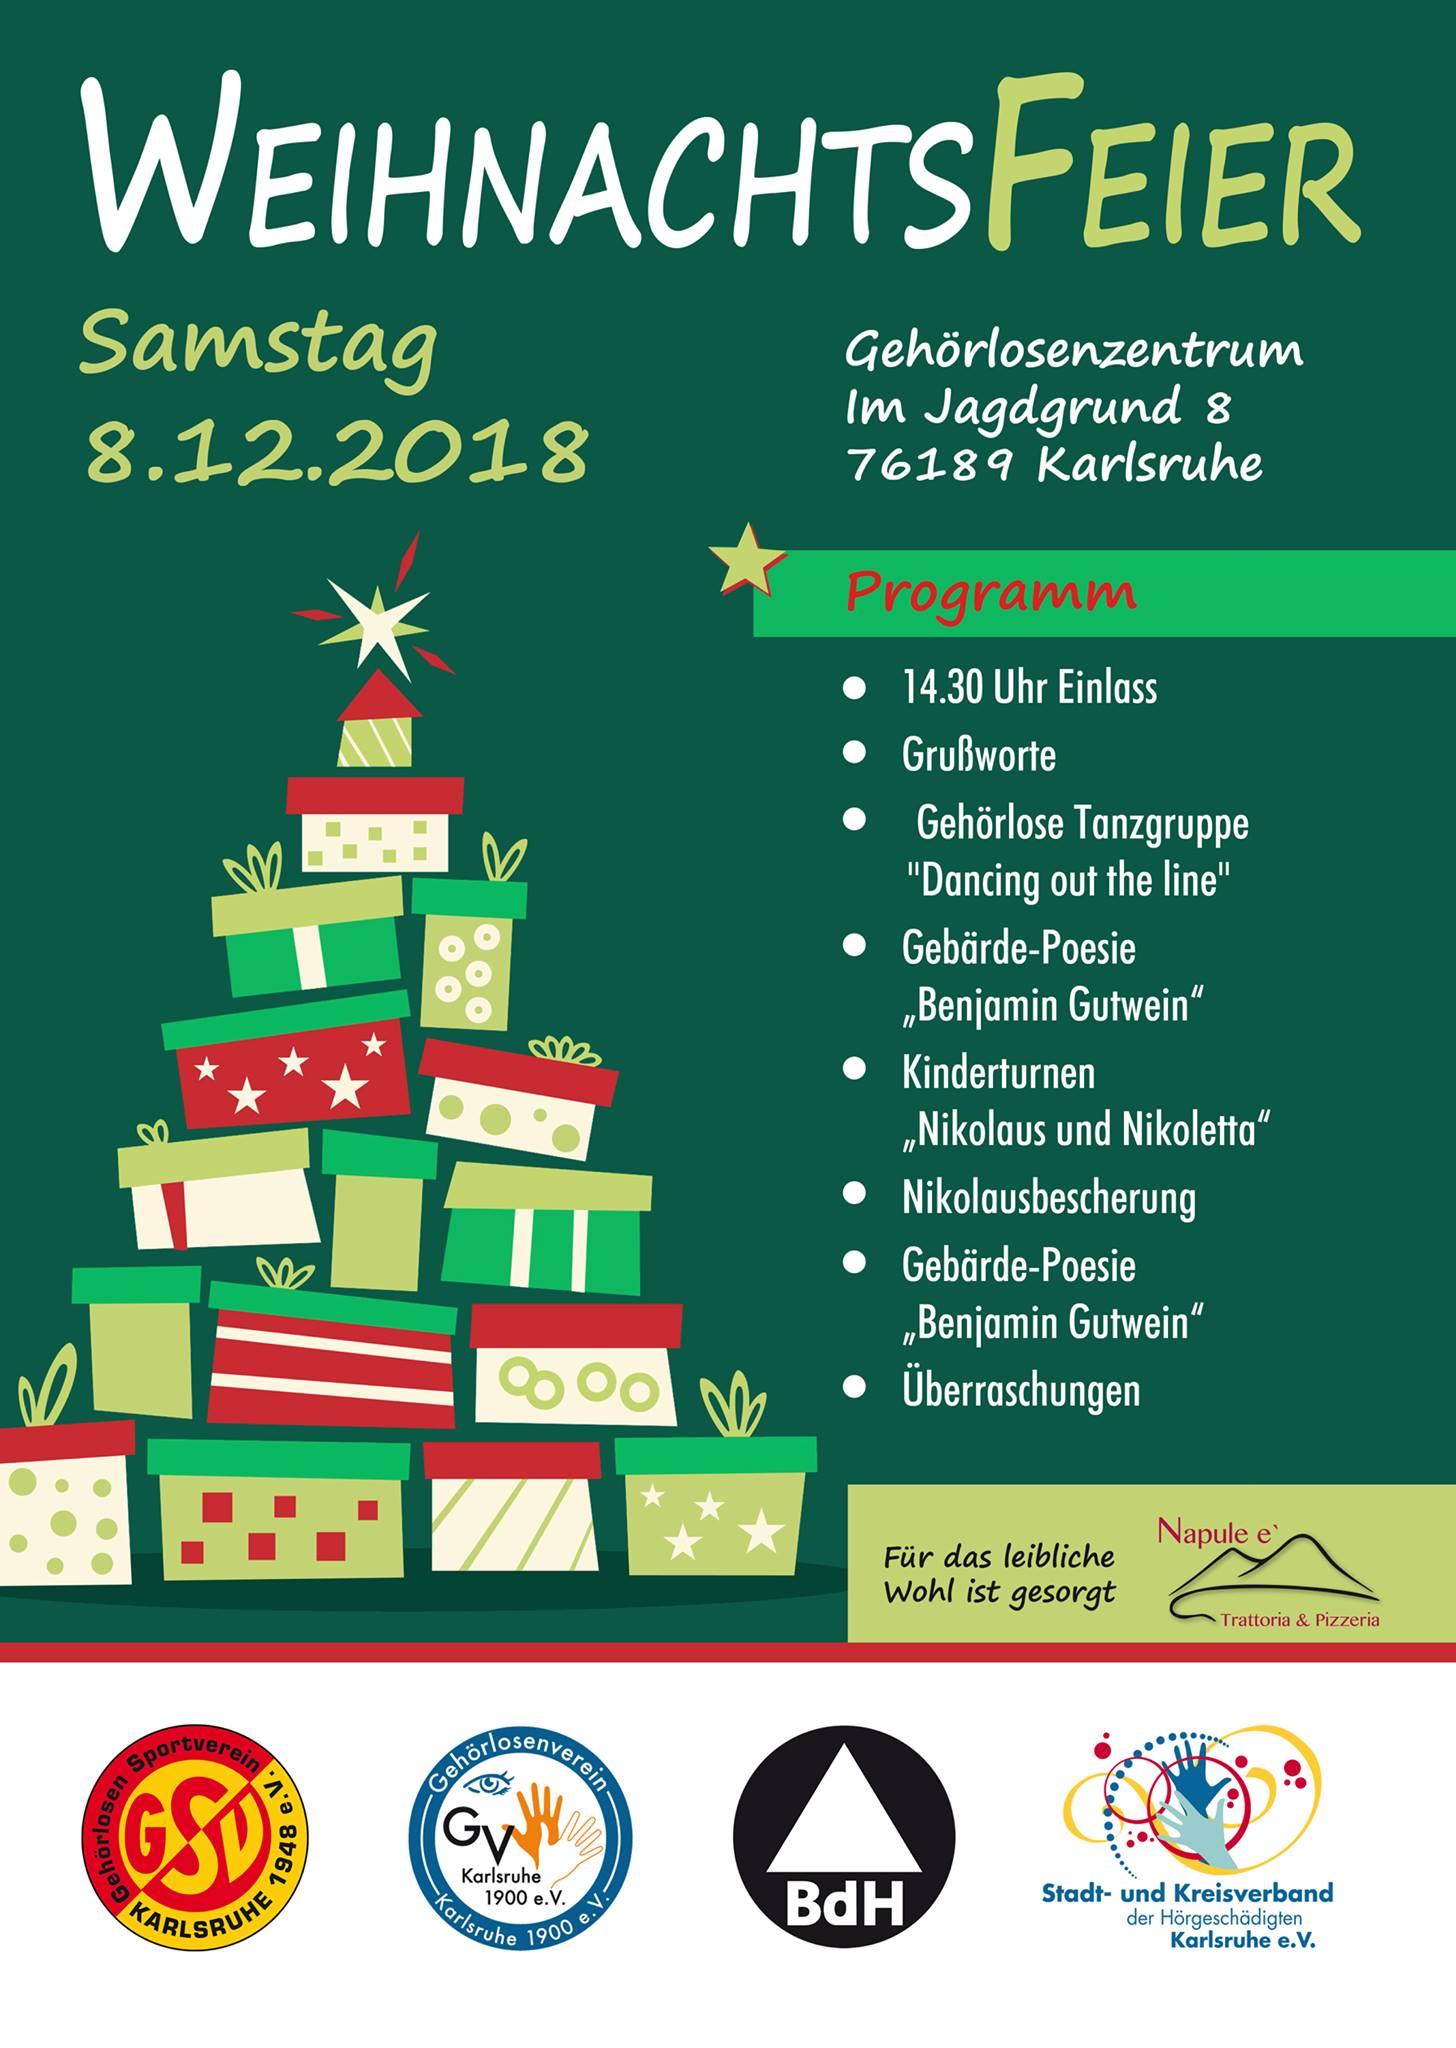 Weihnachtsfeier Karlsruhe.Weihnachtsfeier Gsv Karlsruhe